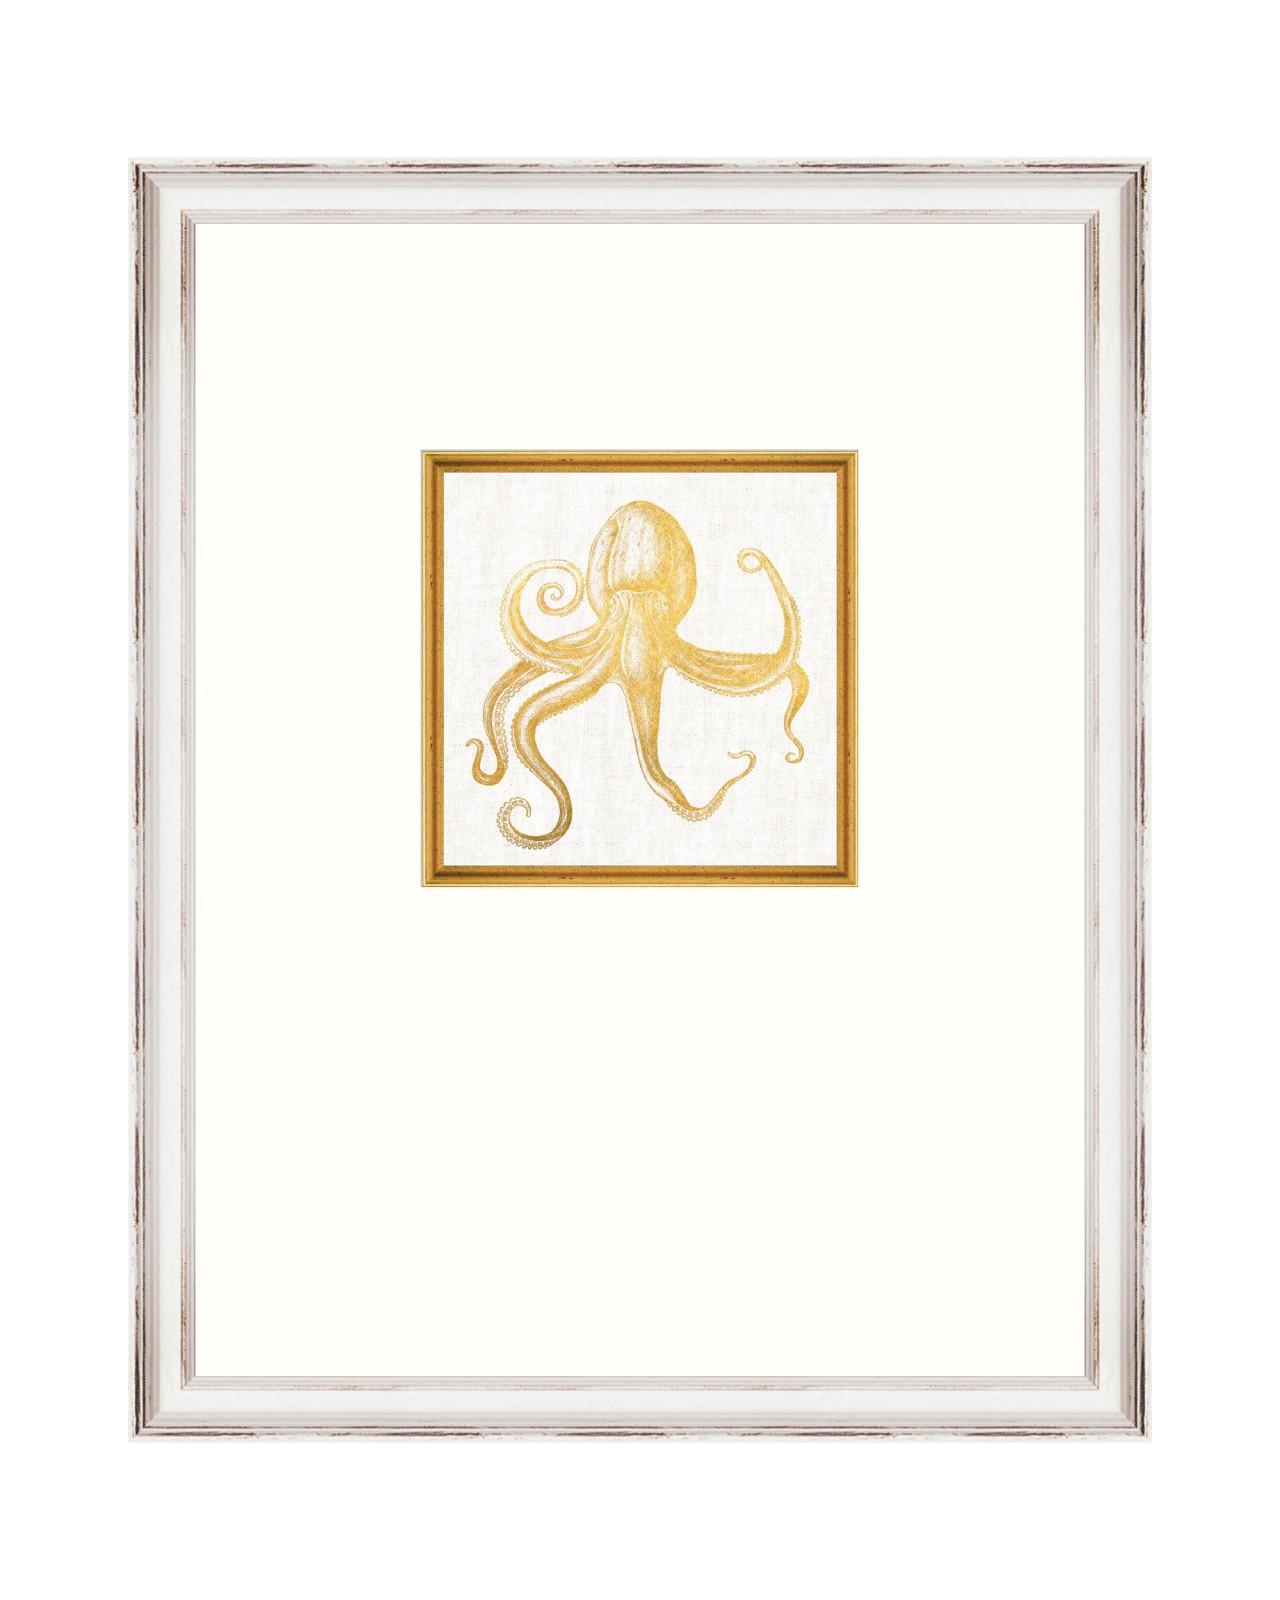 MEDITERRANEAN GEMS - OCTOPUS Framed Linen